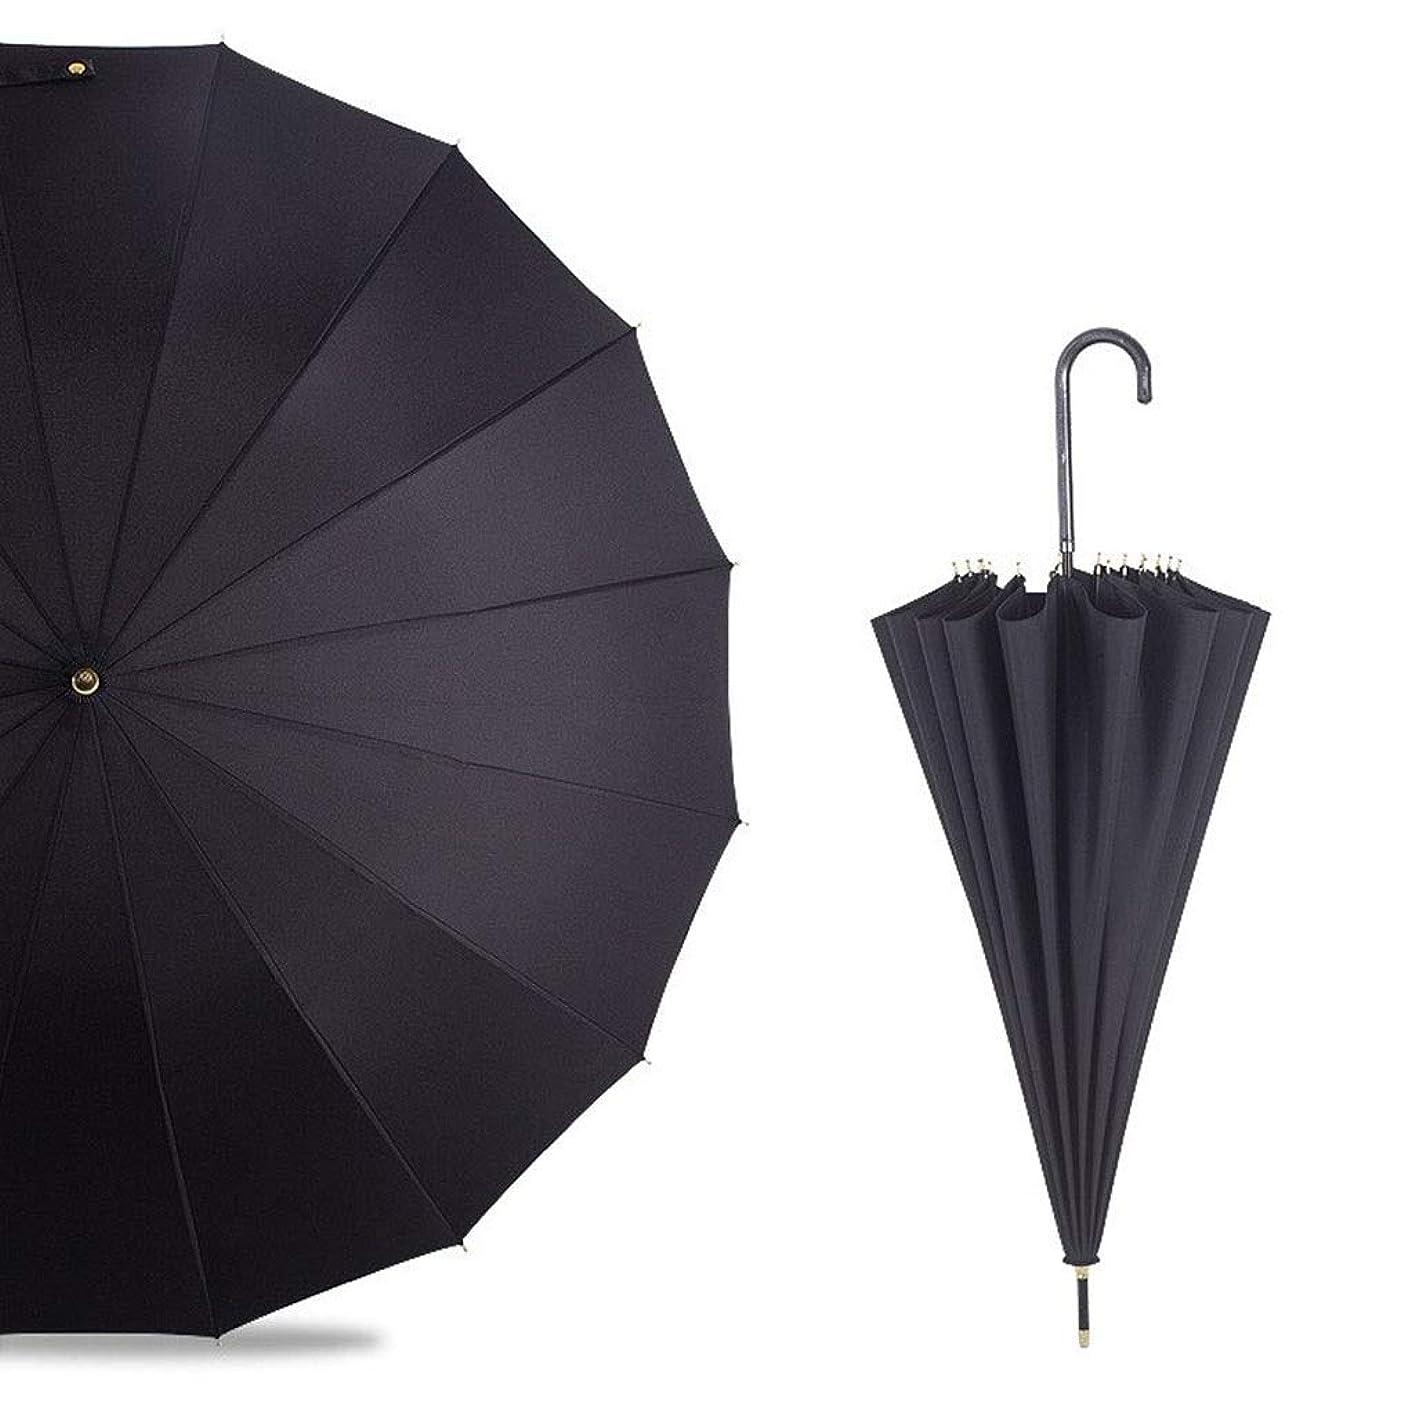 アイドル用心深いフォーカスDCCRBR 傘まっすぐな傘長いハンドル傘曲がったハンドルハンドルソフトで厚いグリップ快適な強化防風フレーム速乾80 CM×5.0 CMブラック 防水傘